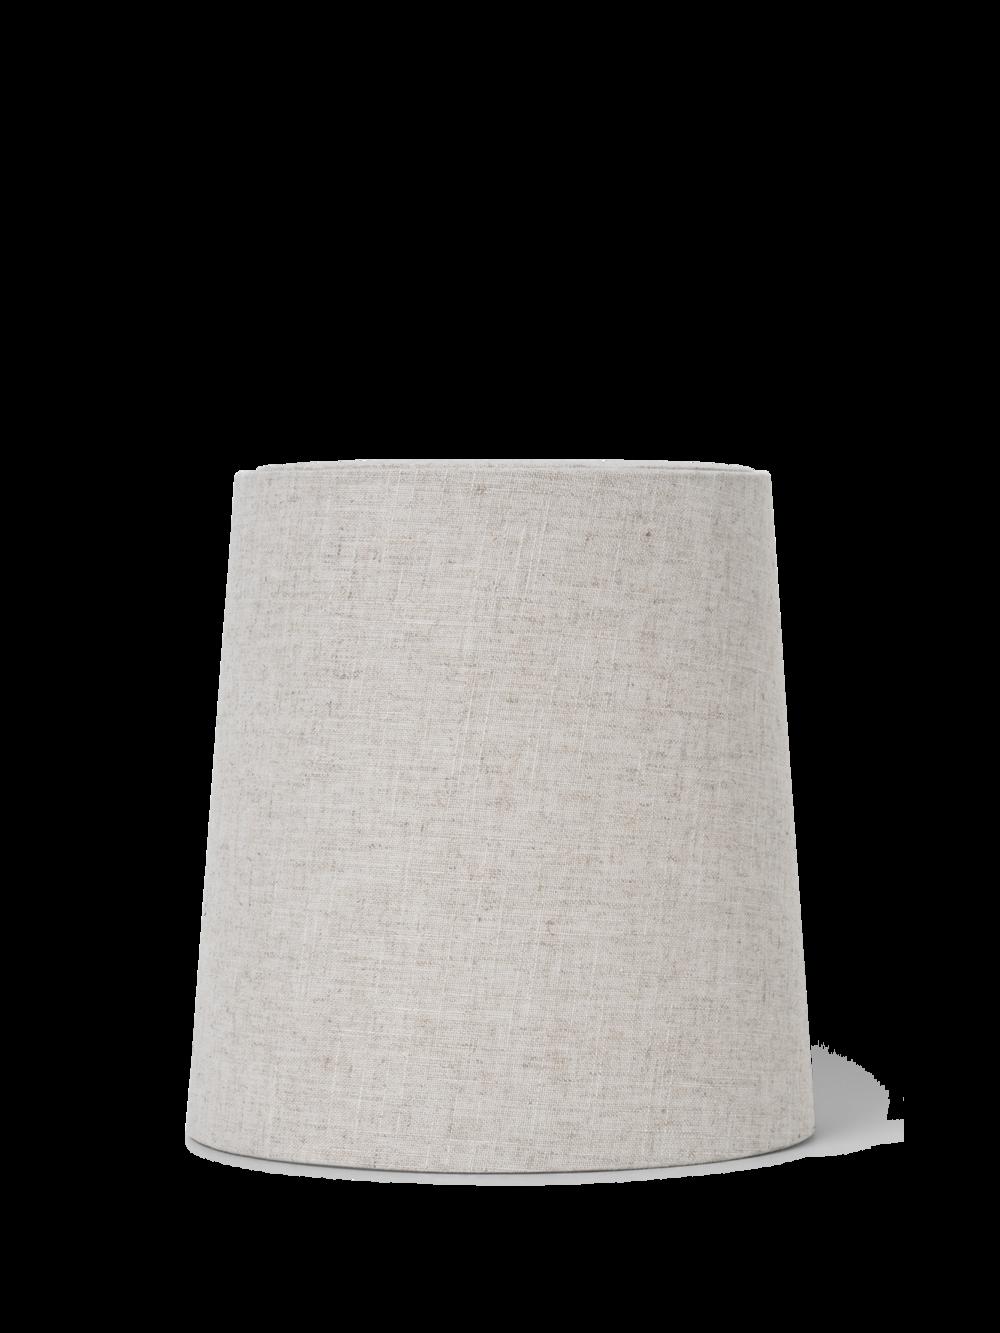 Hebe Lamp Shade Medium Natural